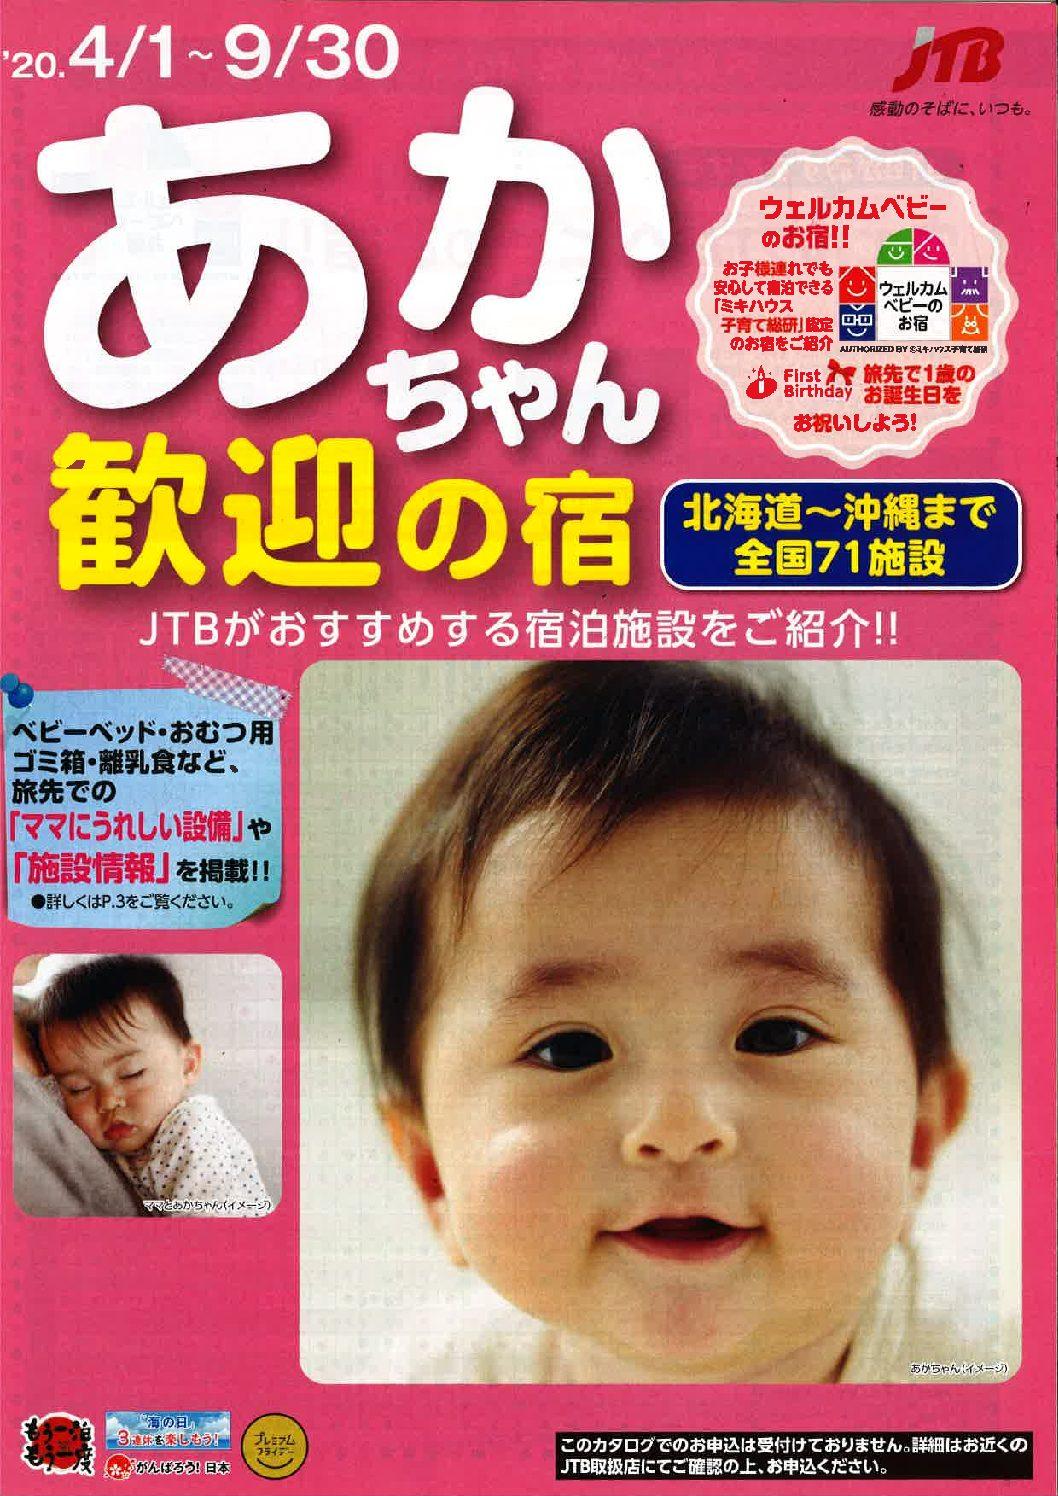 ≪赤ちゃん歓迎の宿≫